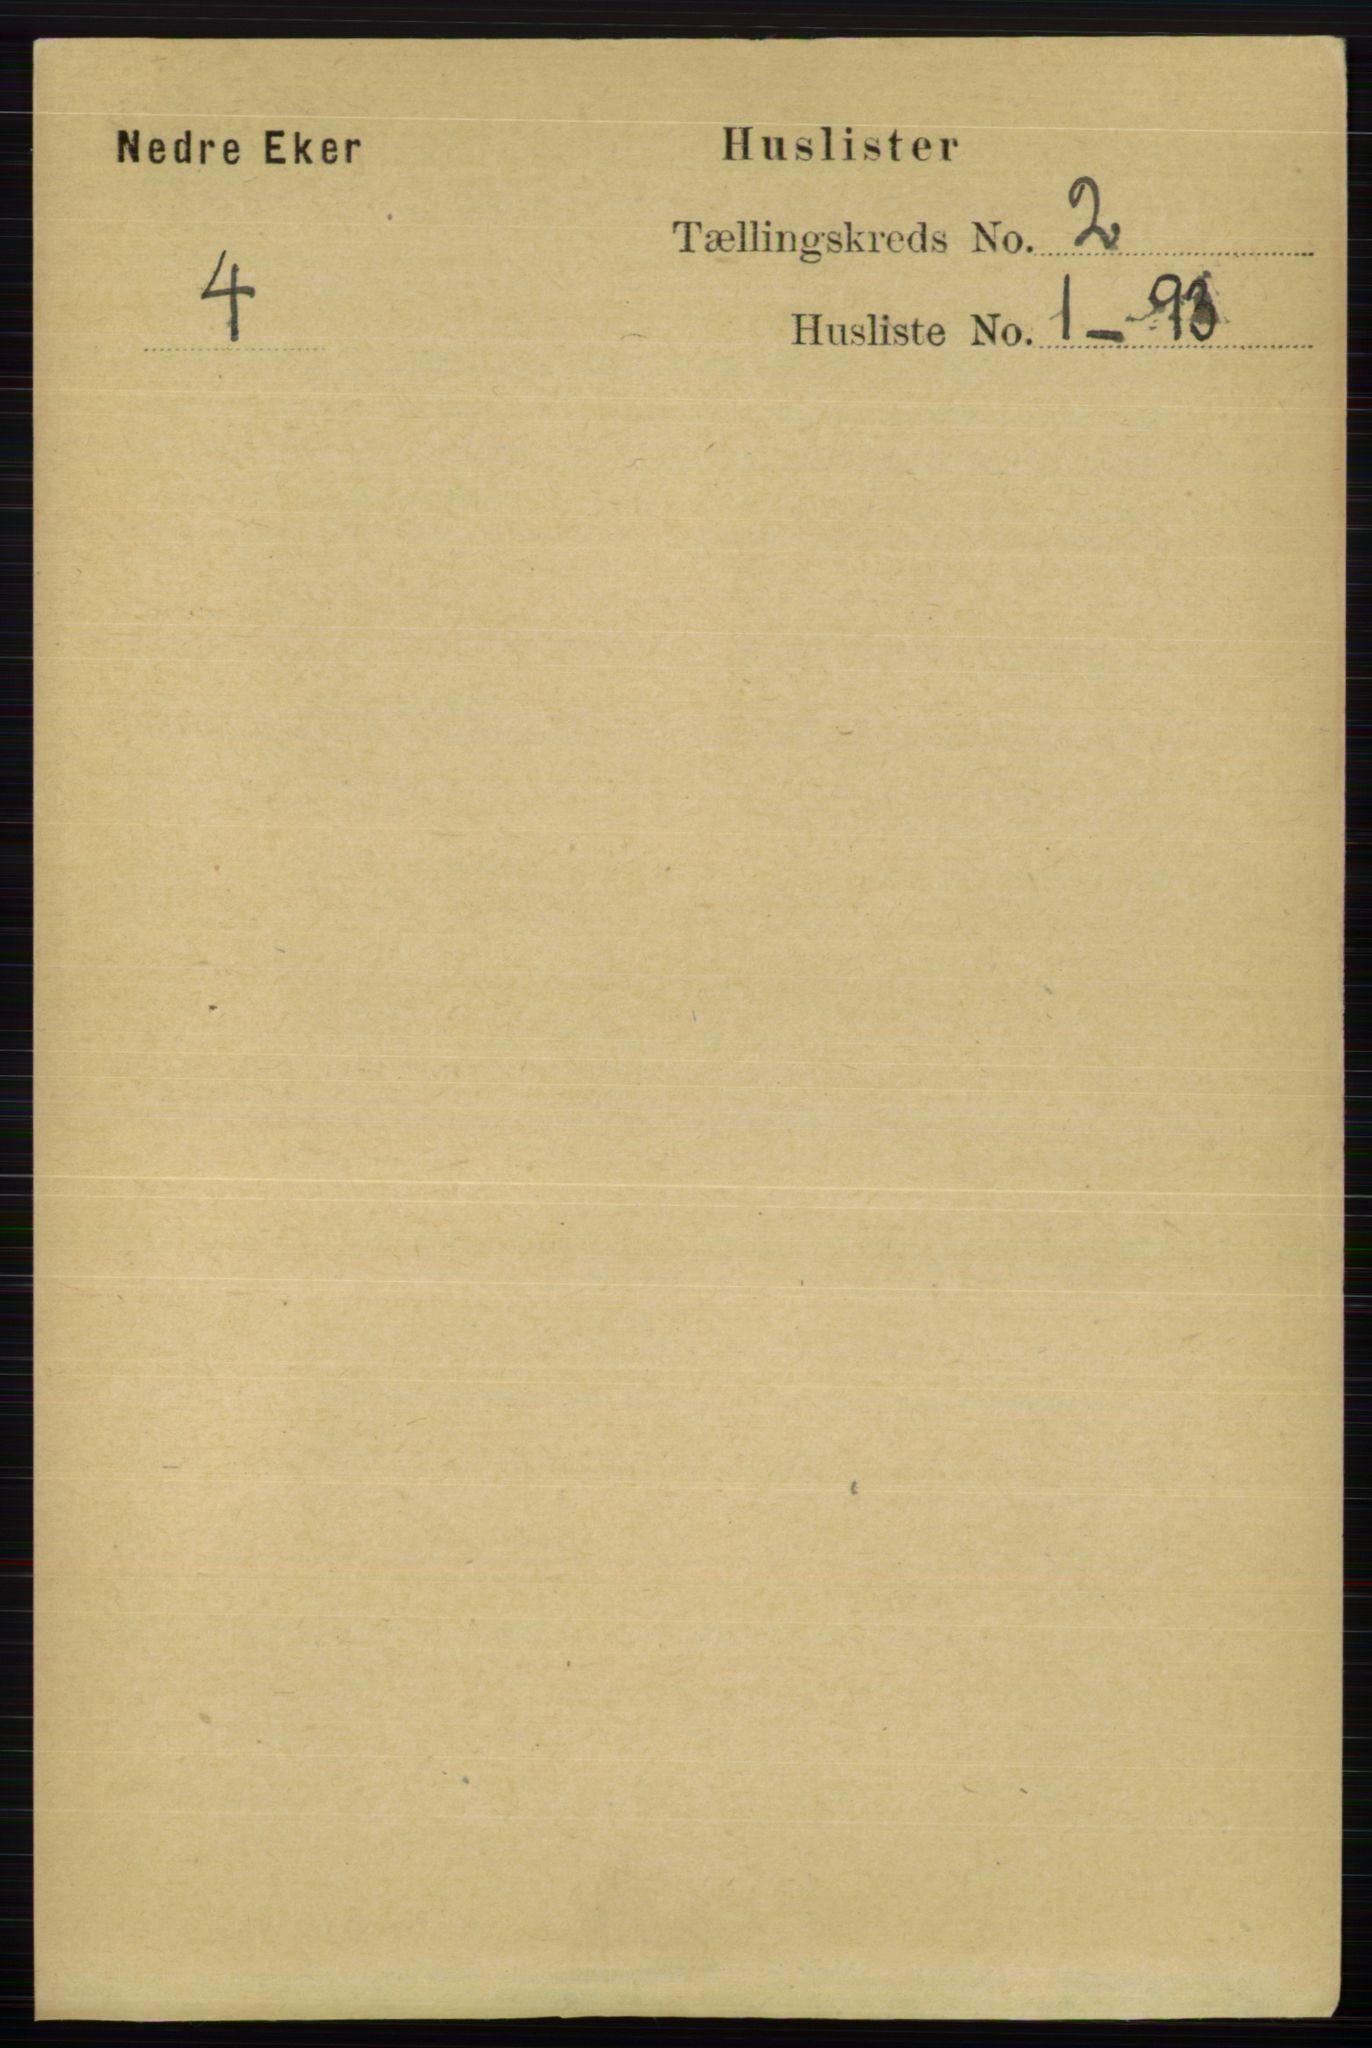 RA, Folketelling 1891 for 0625 Nedre Eiker herred, 1891, s. 446